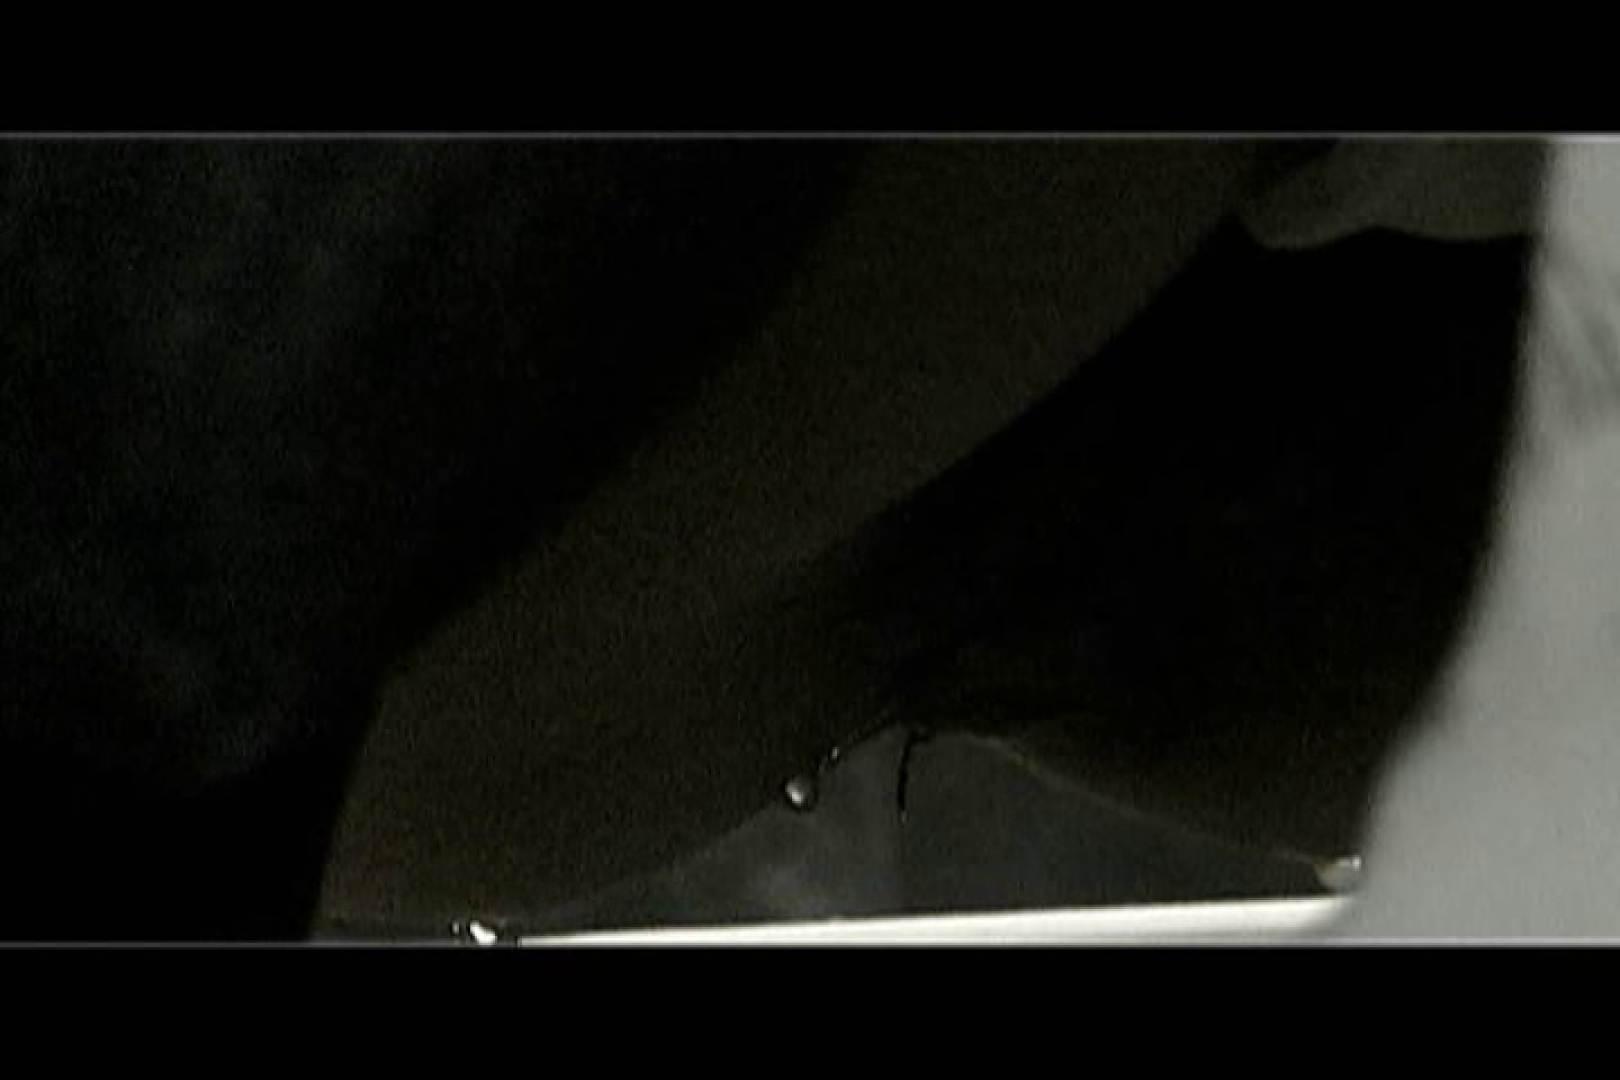 マンコ丸見え女子洗面所Vol.7 マンコ映像 おまんこ動画流出 85連発 4